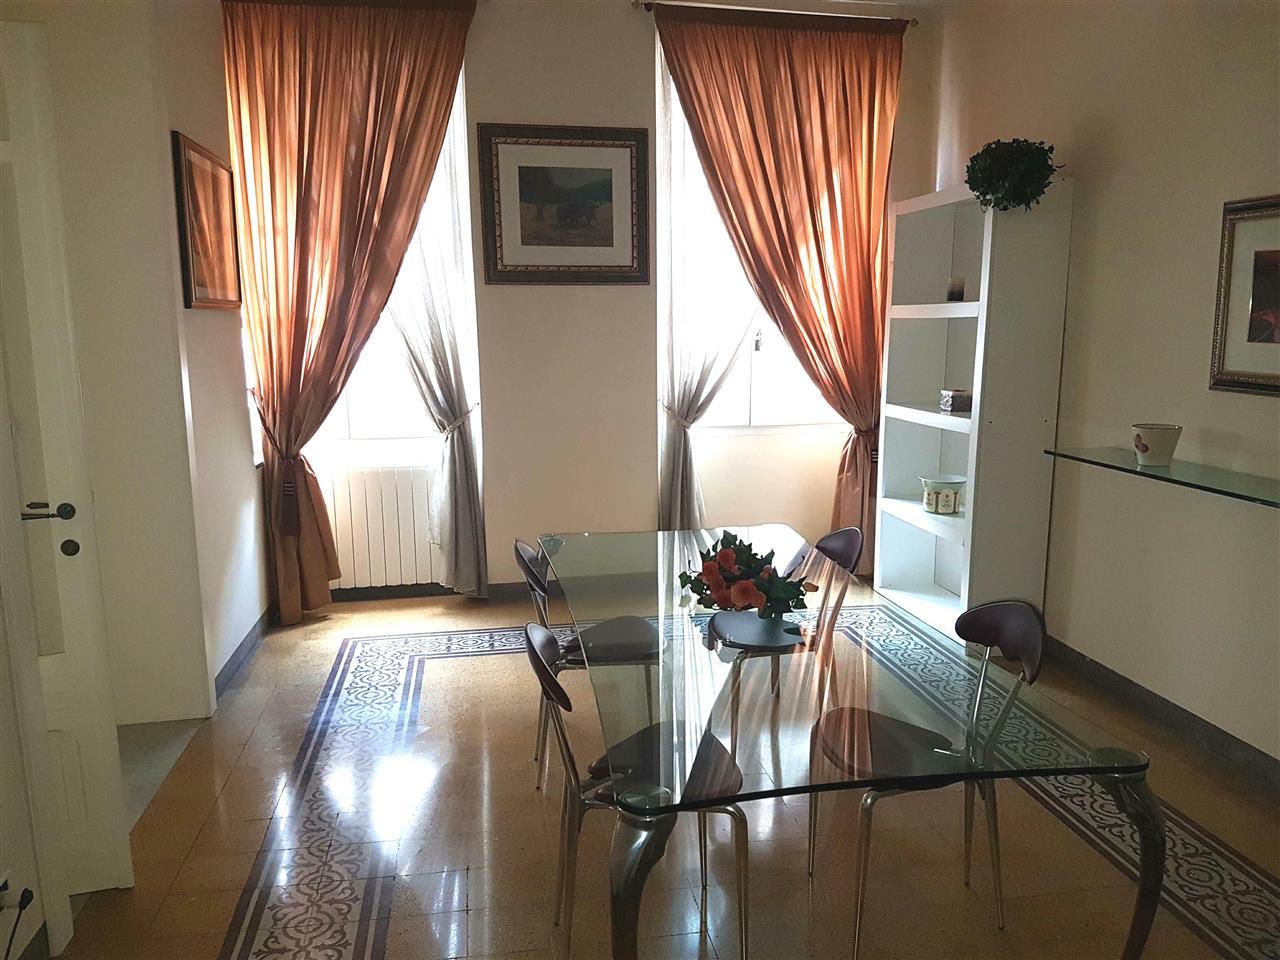 Monolocali In Vendita A Parigi appartamenti in vendita a sassari. pagina 2   pcase.it